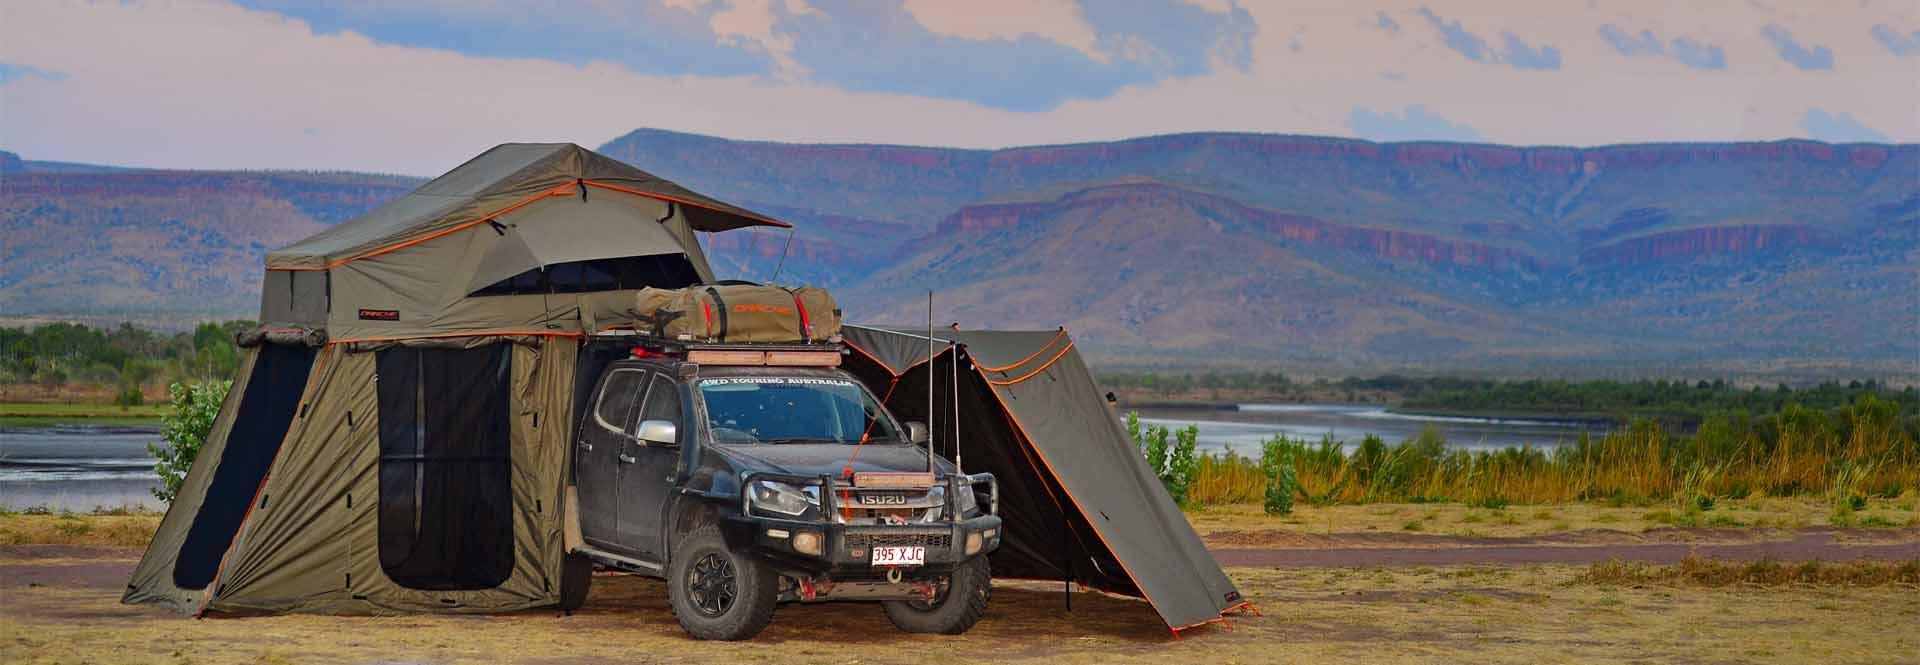 Darche tents